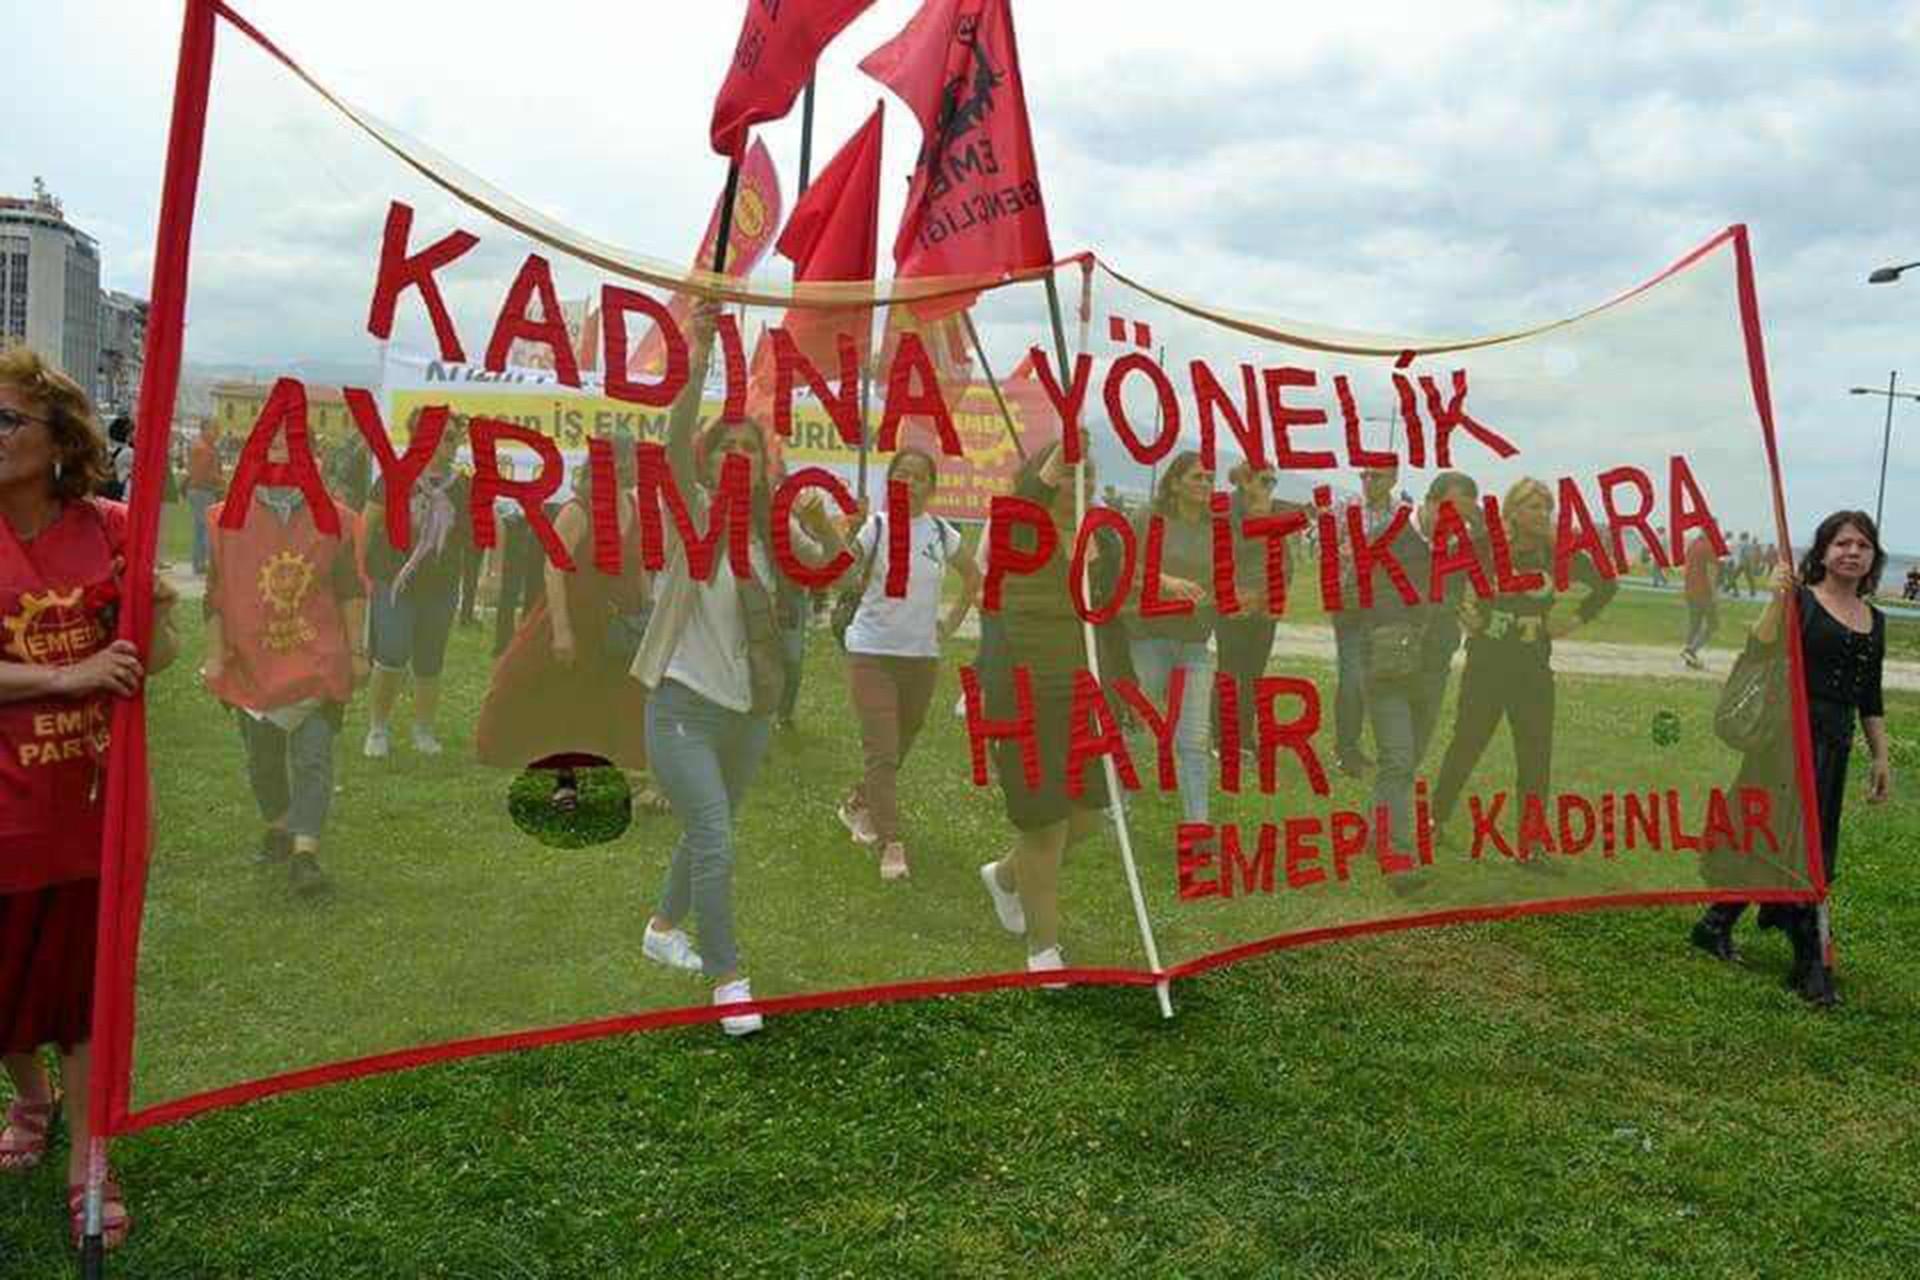 Emek Partisi üyesi kadınlar 'Kadına yönelik ayrımcı politikalara hayır' pankartı taşırken